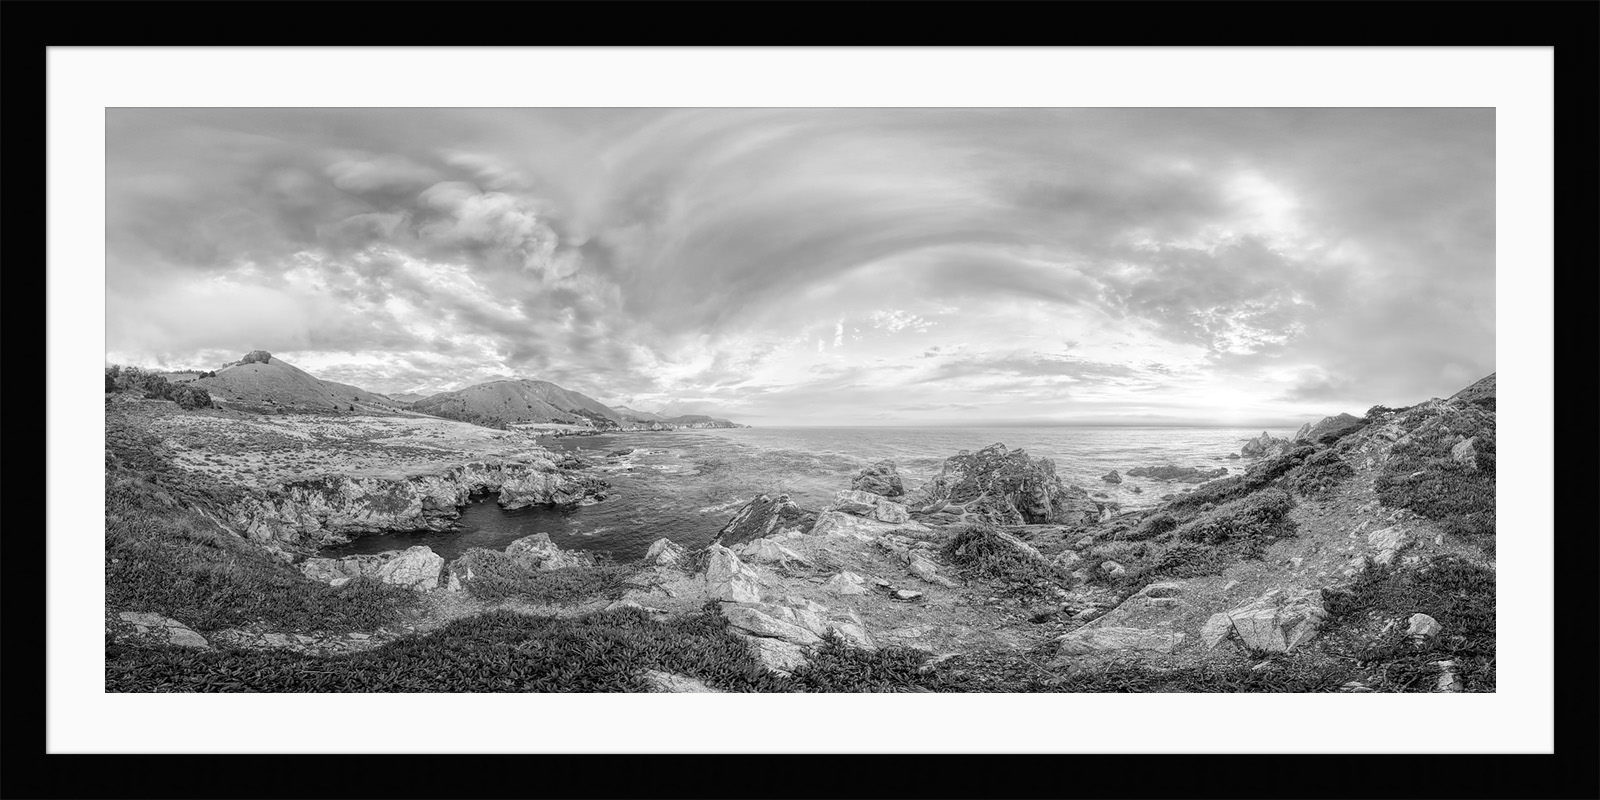 Highway 1 - California Black & White Framed Fine Art Photography